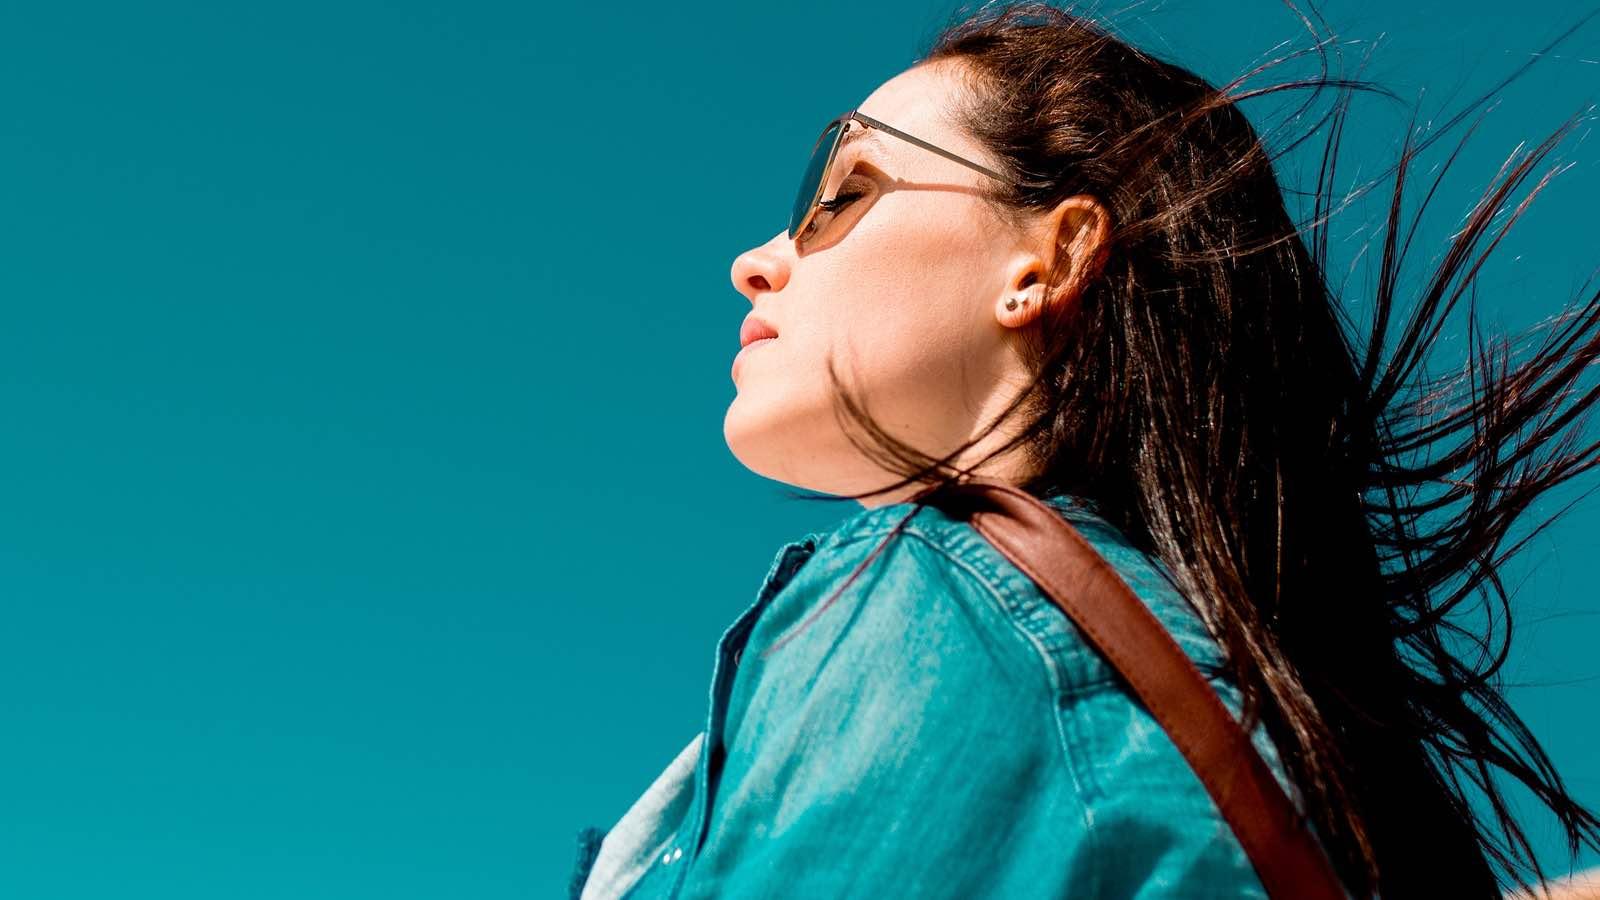 Fettige Haare- Was kannst du tun? Diese 5 Tipps & Hausmittel helfen